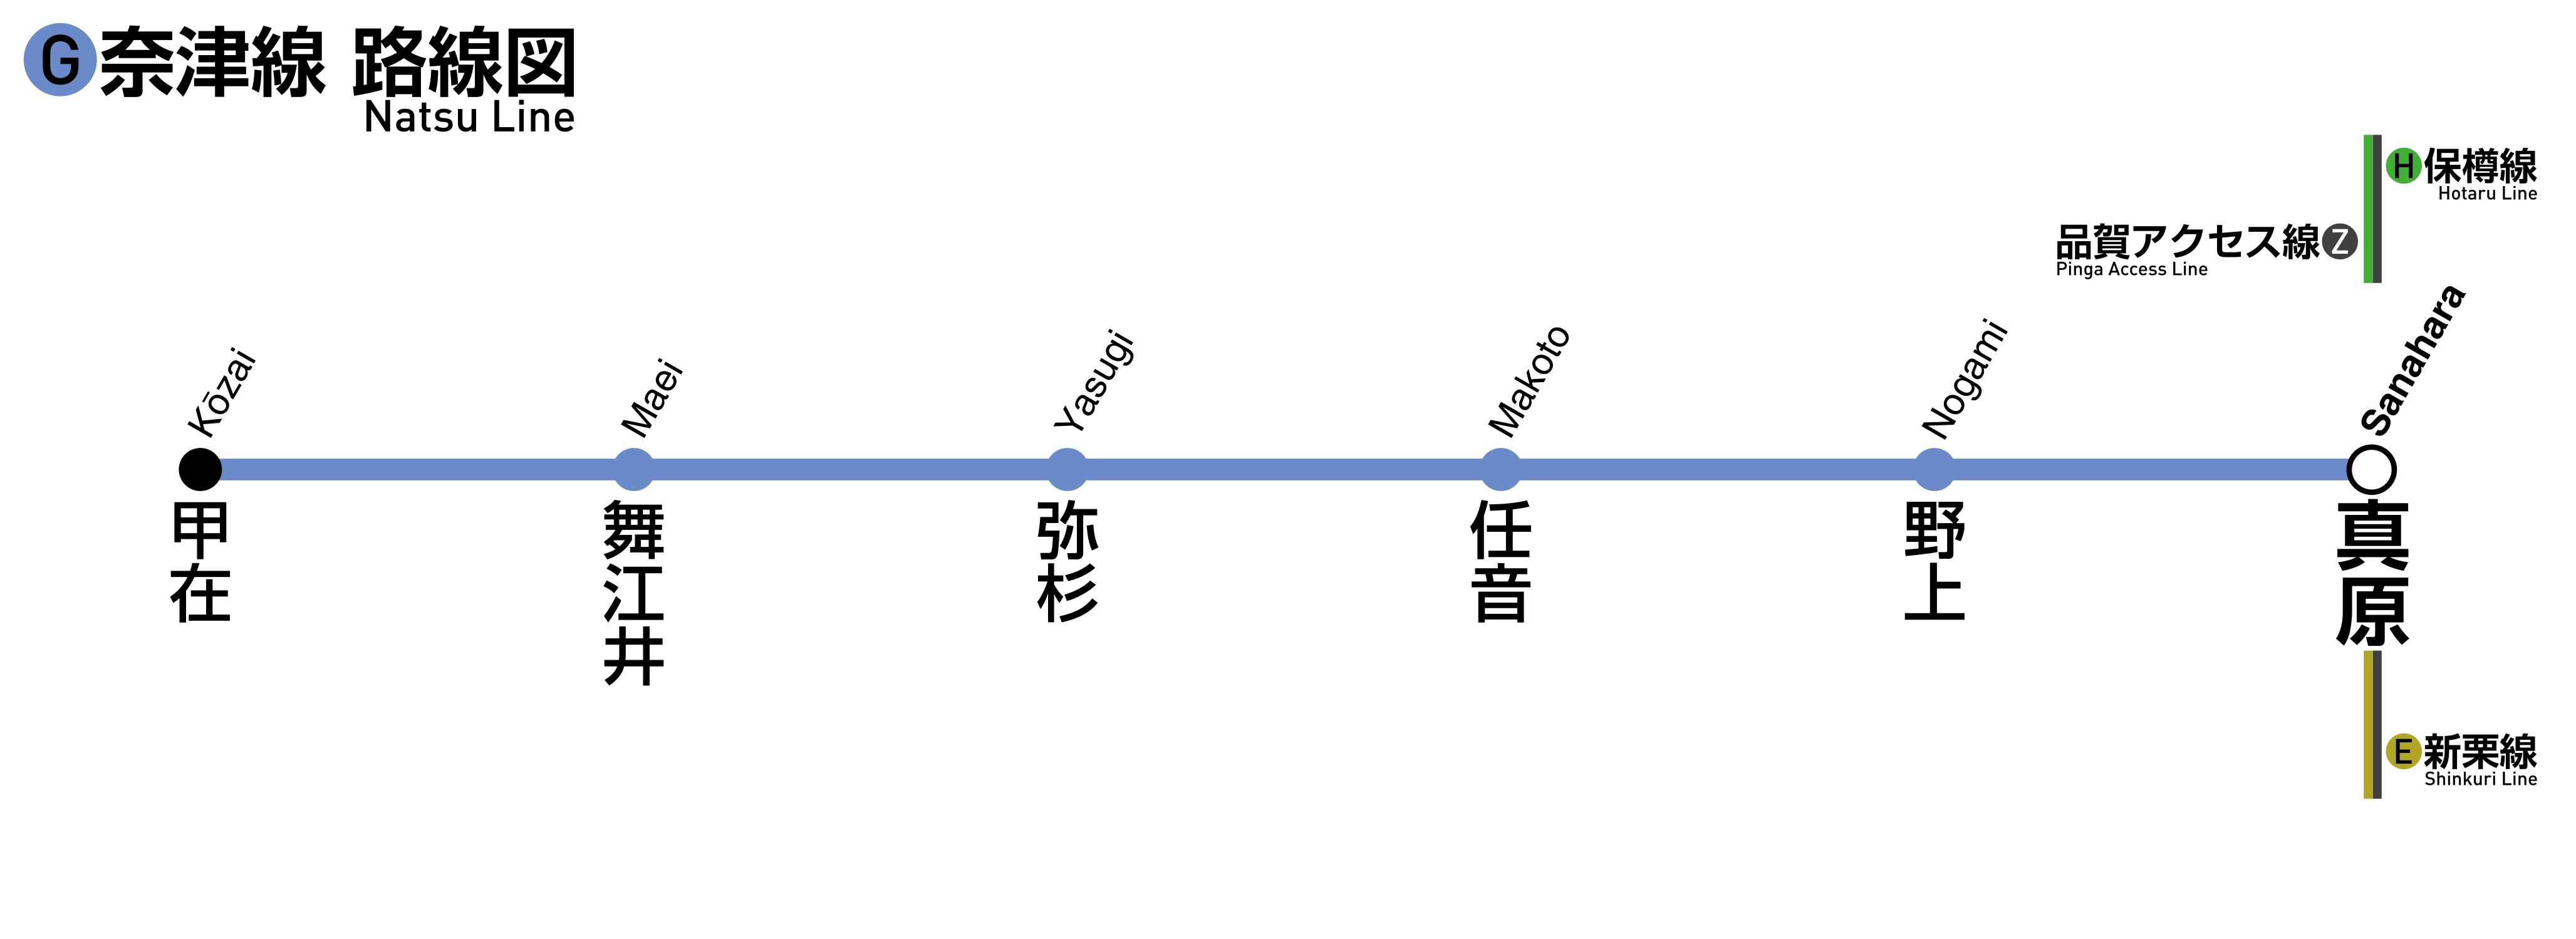 奈津線_1.png